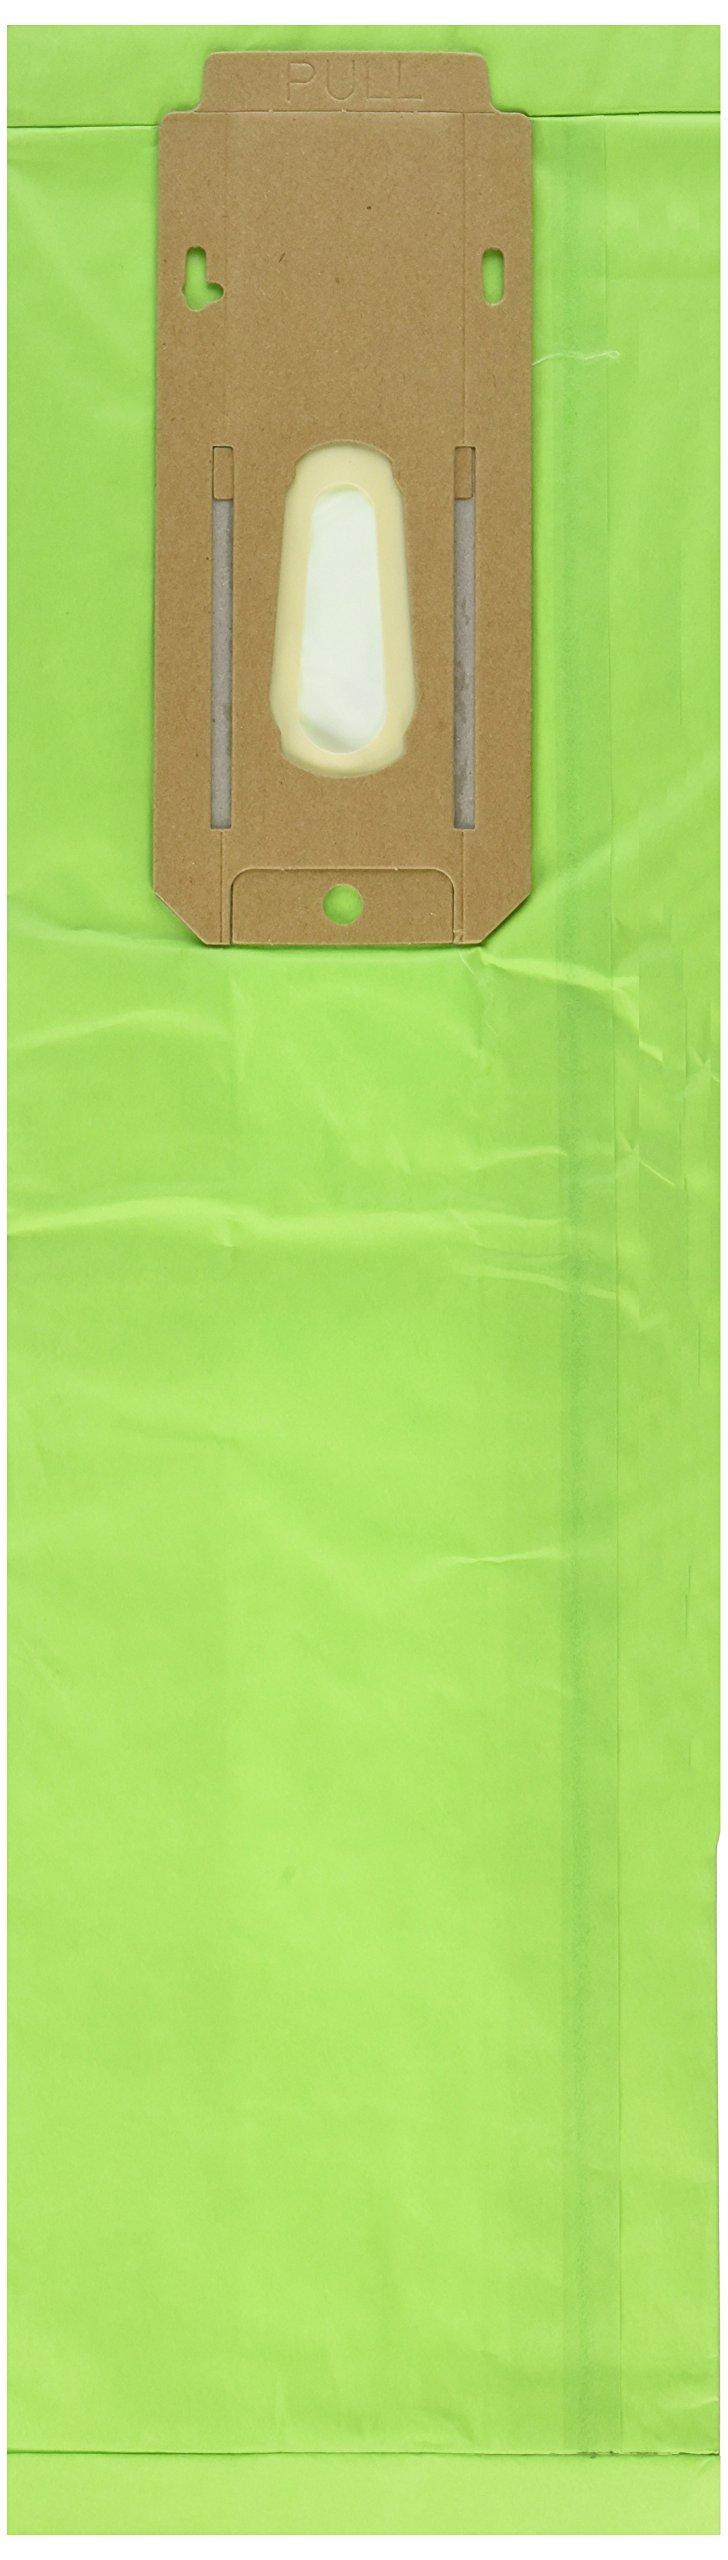 Oreck Select Allergen Filtration Bags - 25pk, AK1CC25A by Oreck